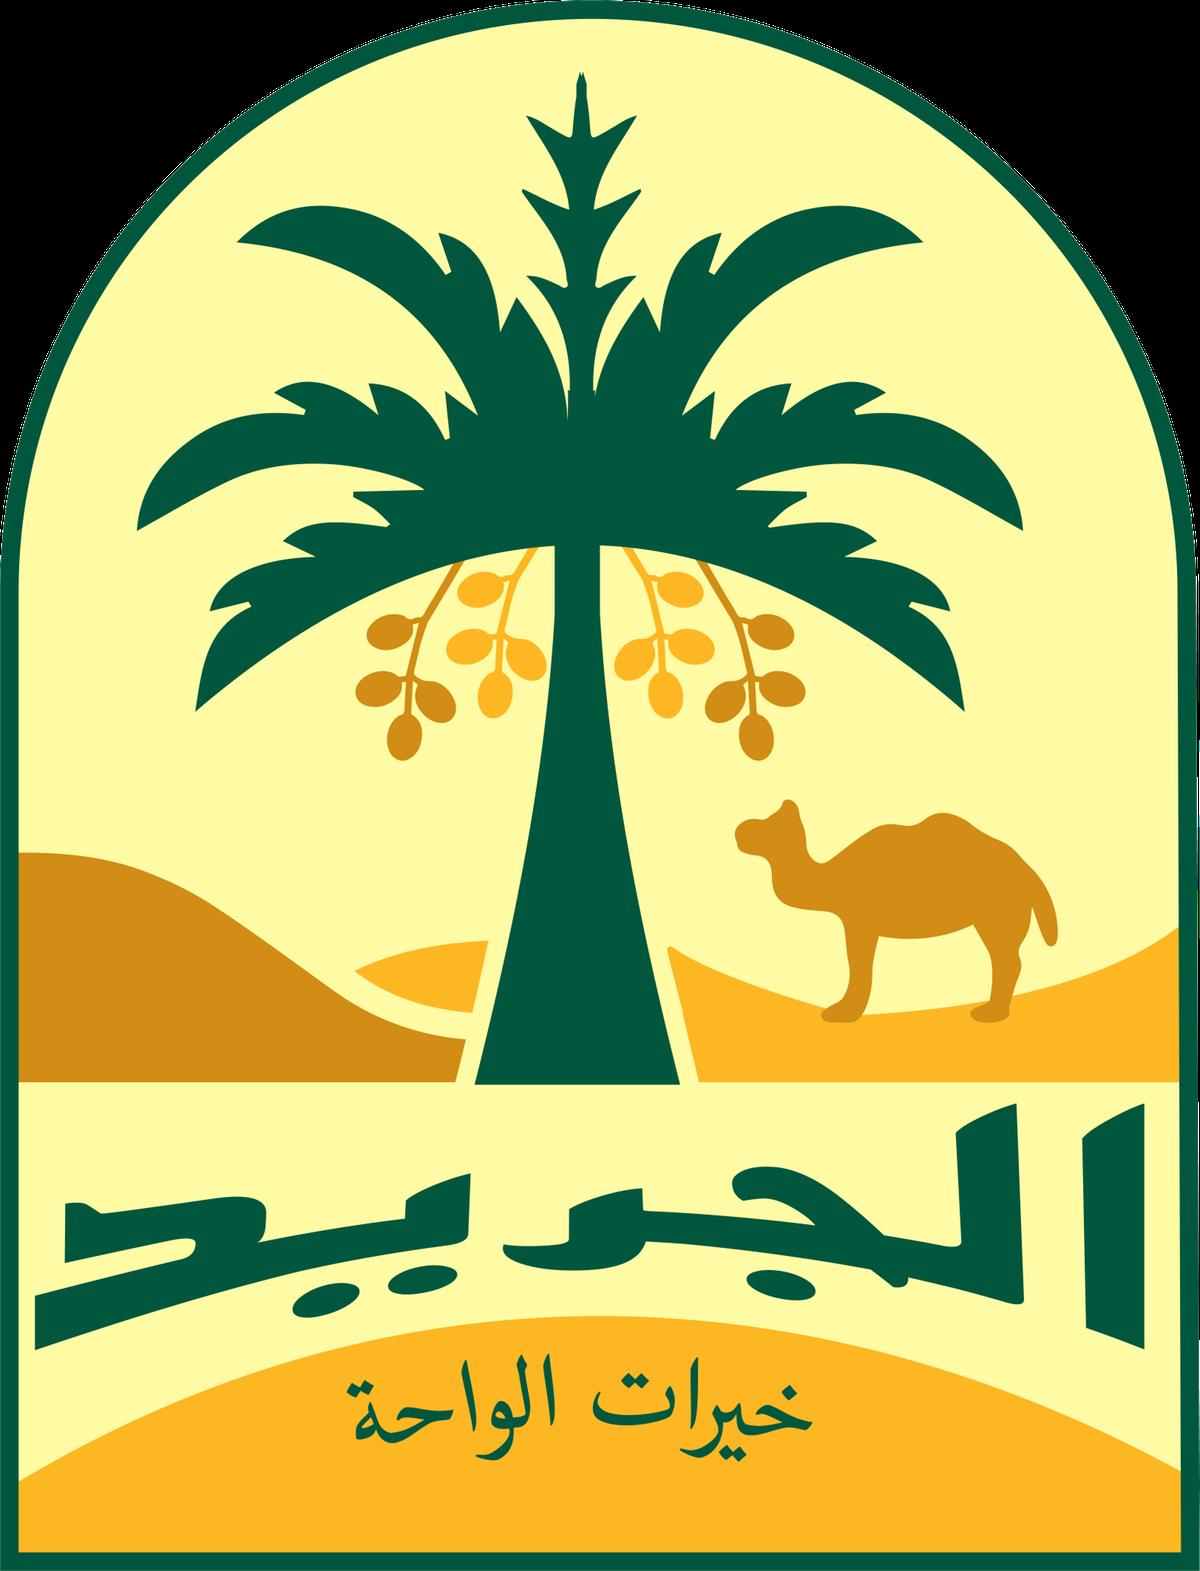 Djerid Logo